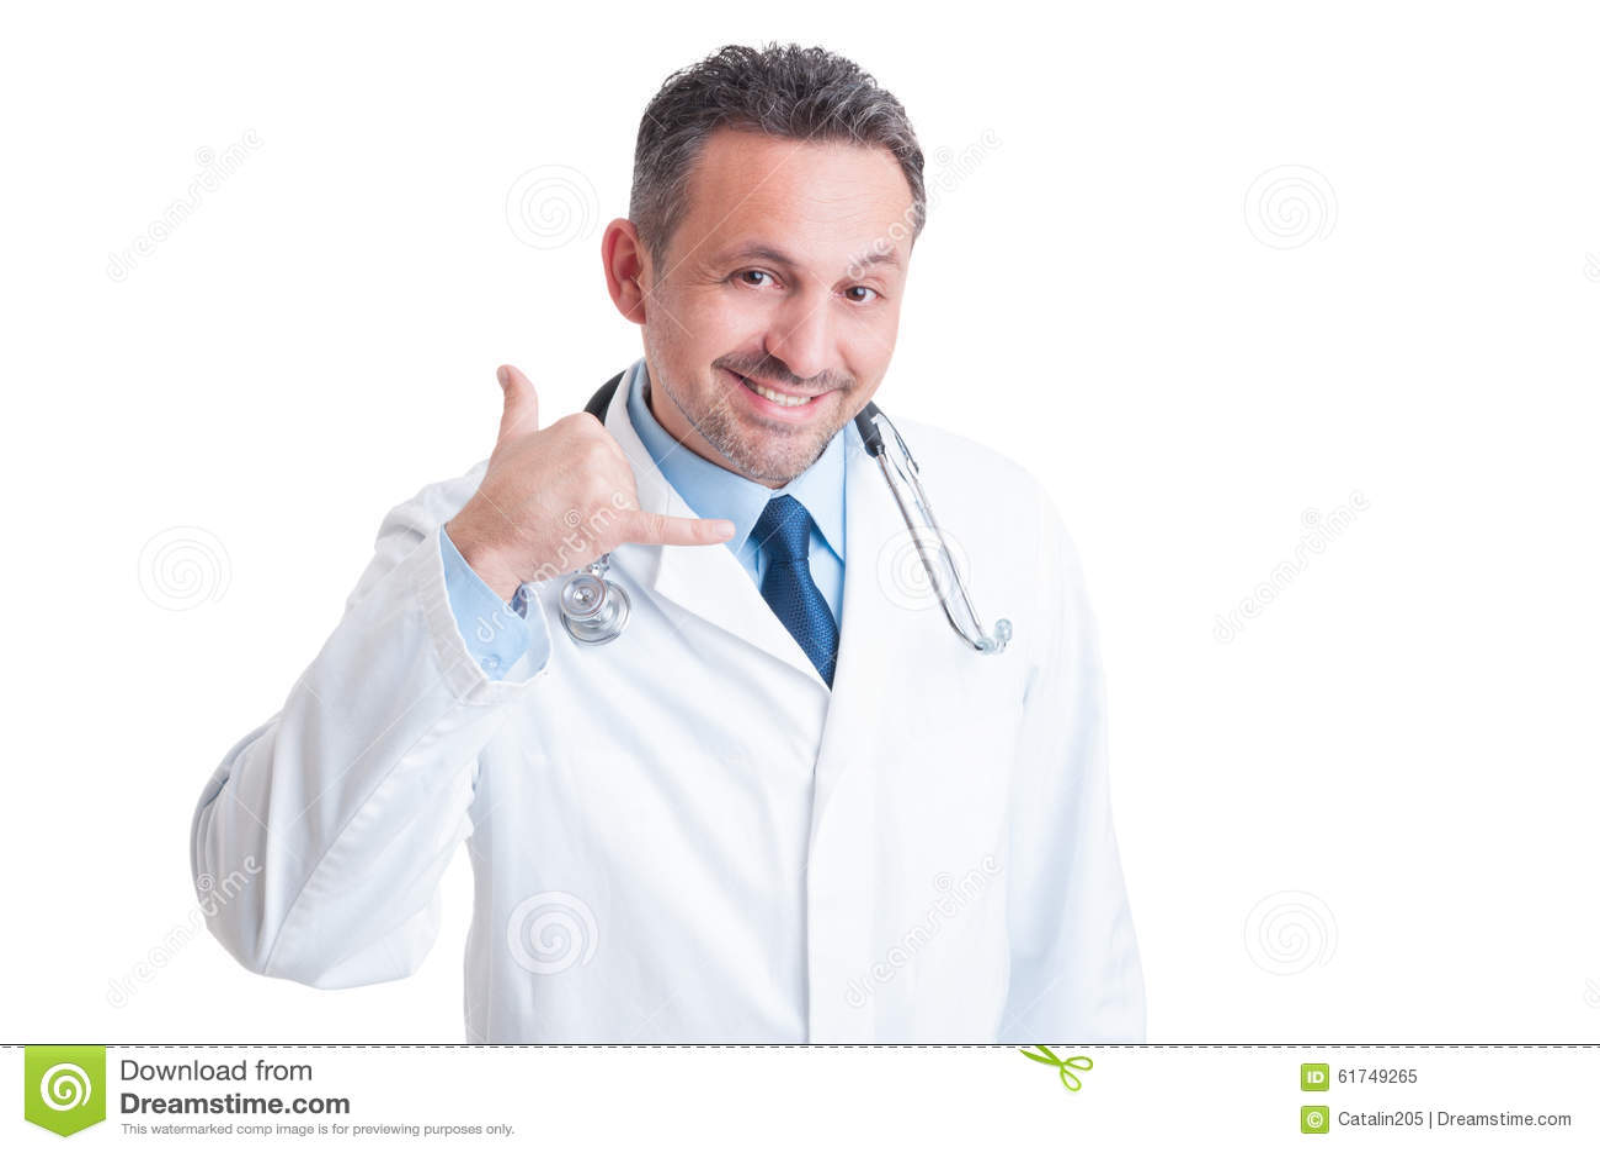 Επαφή νοσοκομείων ή κλινικών, υποστήριξη ή έννοια τηλεφωνικής βοήθειας